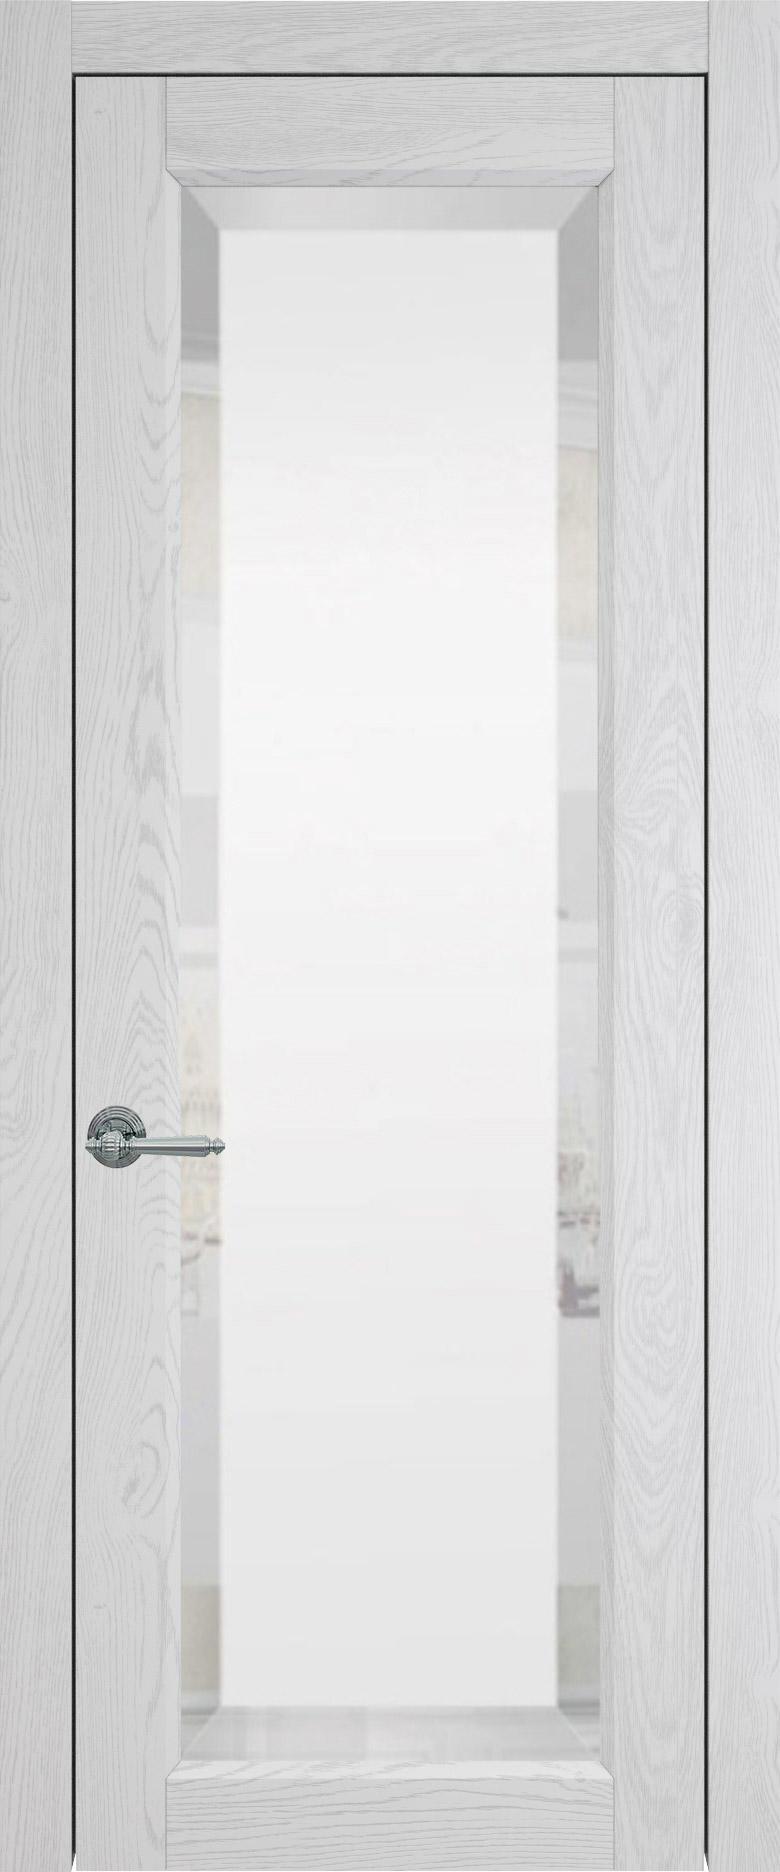 Domenica цвет - Белый ясень (шпон) Со стеклом (ДО)